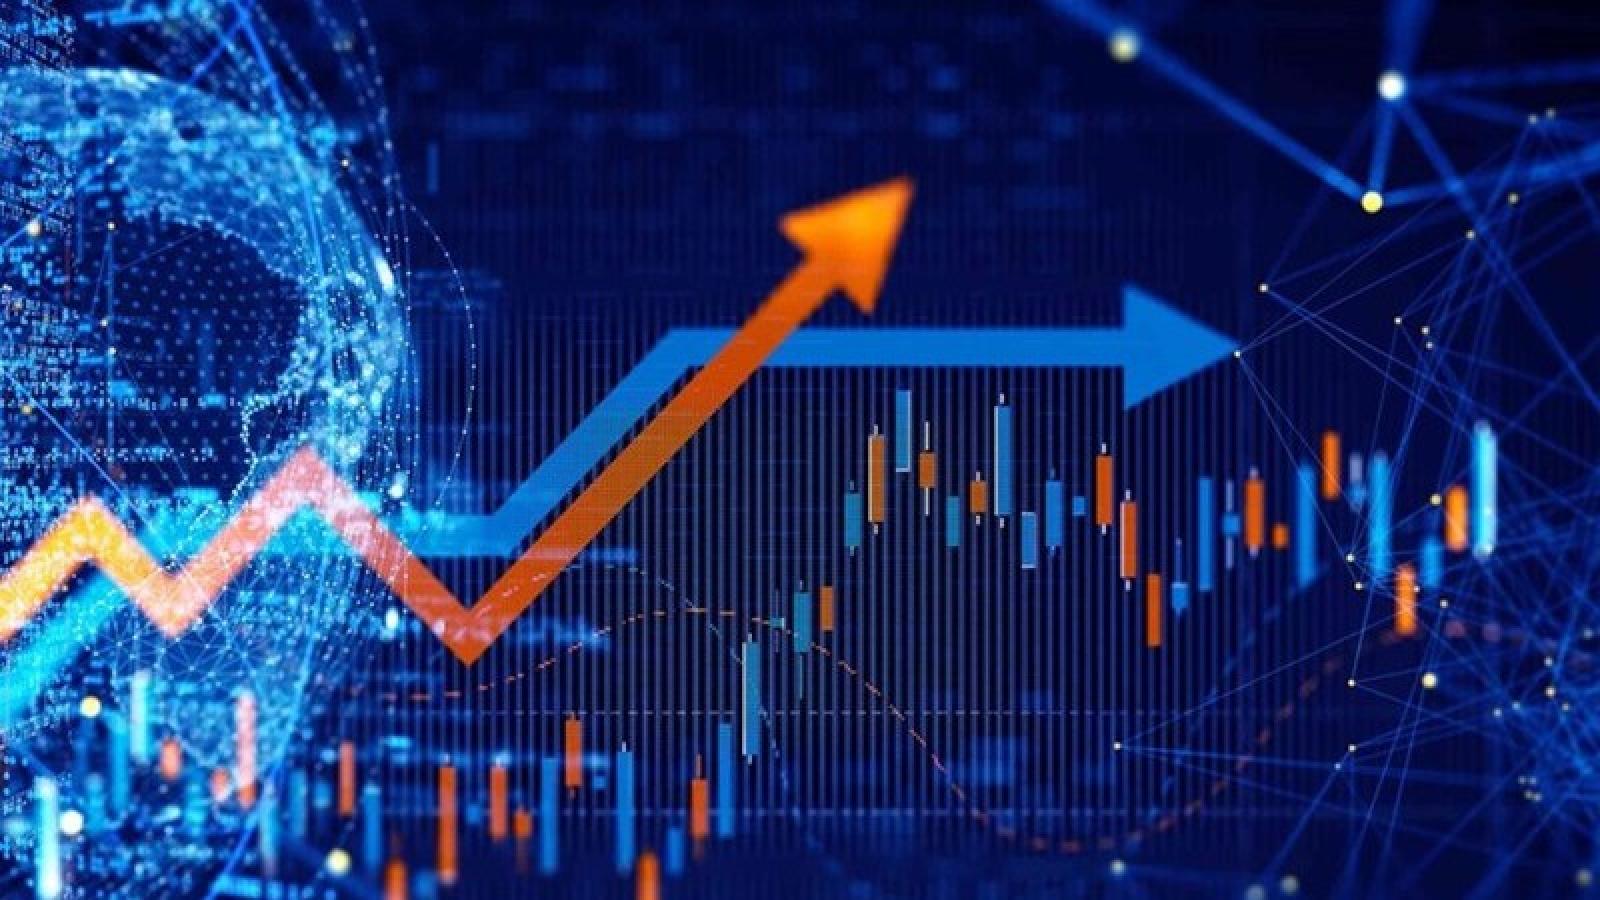 Nhà đầu tư có thể tích lũy thêm nhóm cổ phiếu xuất khẩu, bất động sản, hóa chất, cảng biển